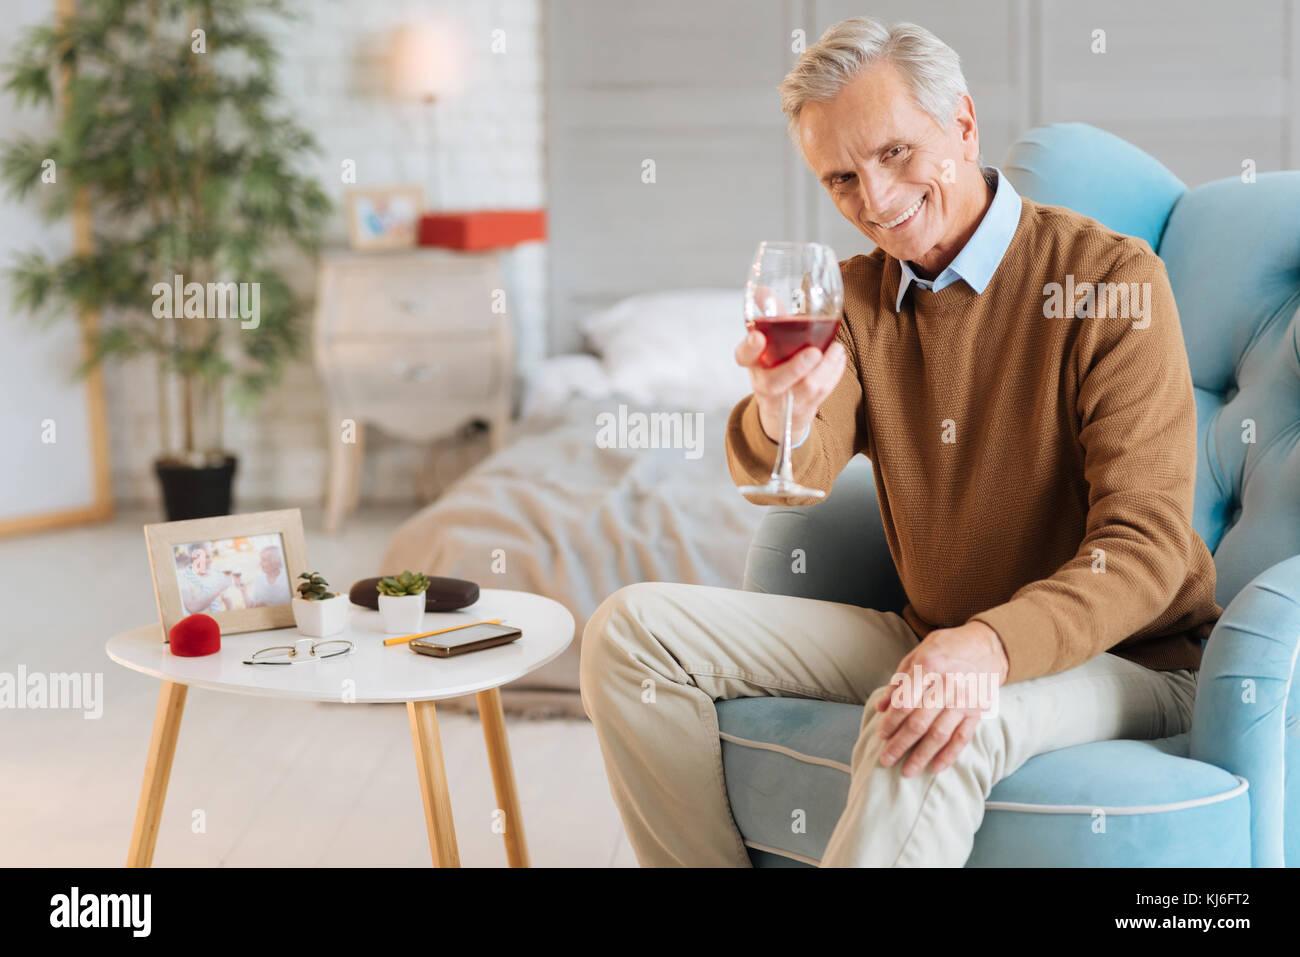 Freudige älterer Herr mit einem Glas Wein in die Kamera lächeln Stockbild